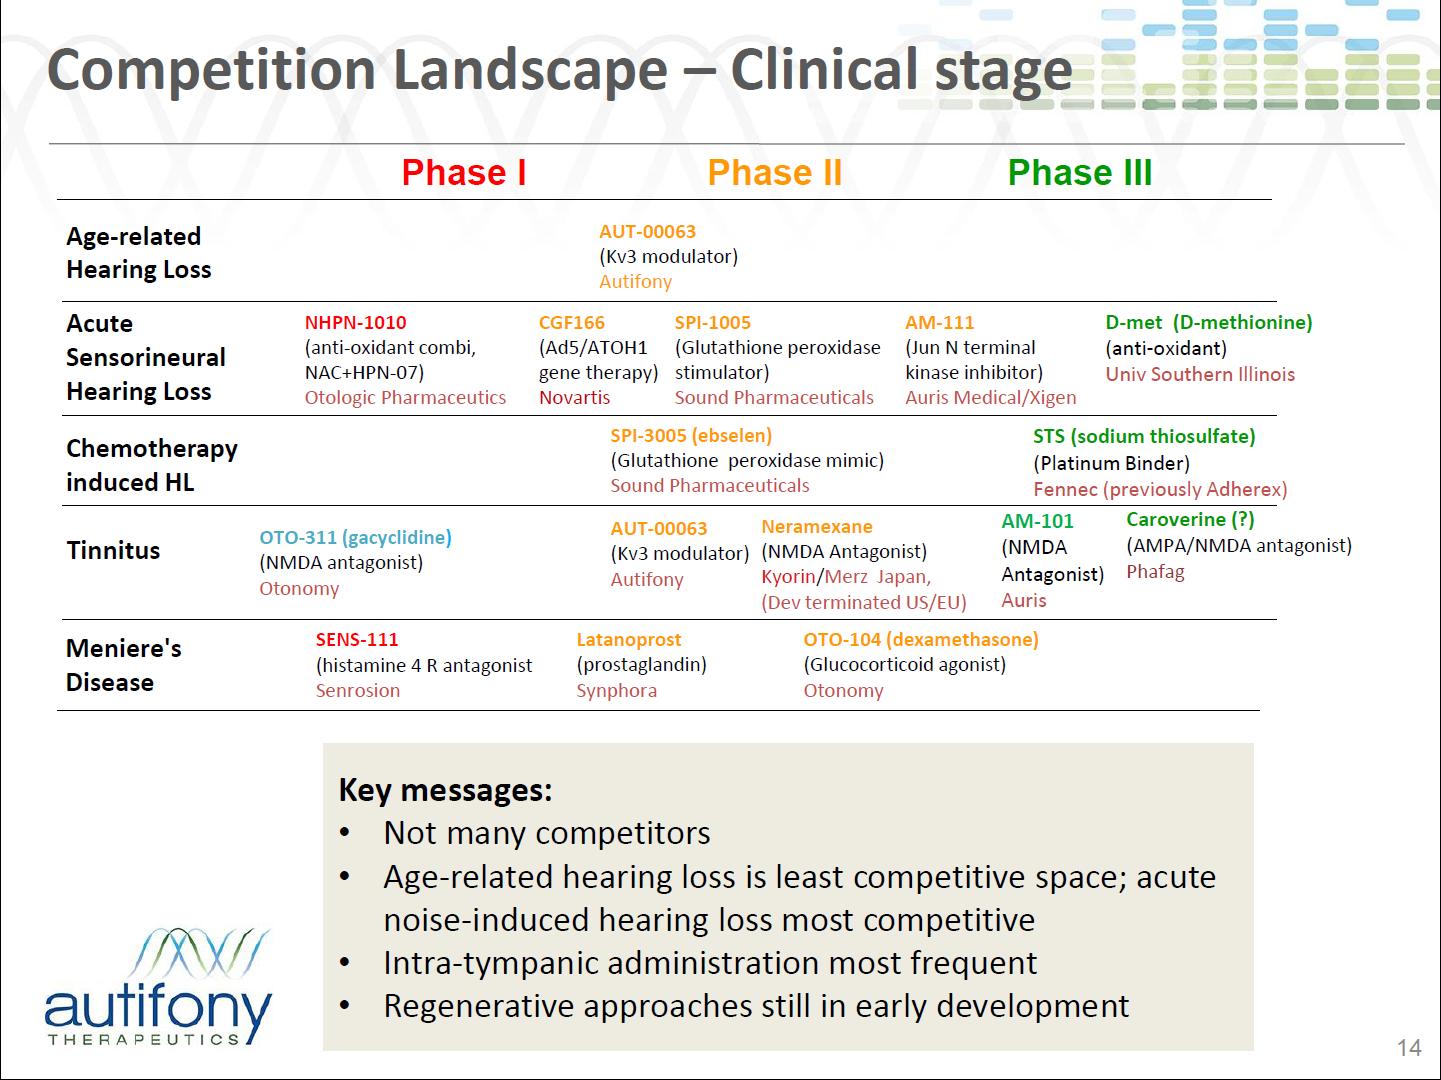 1-autifony-competition-landscape.png